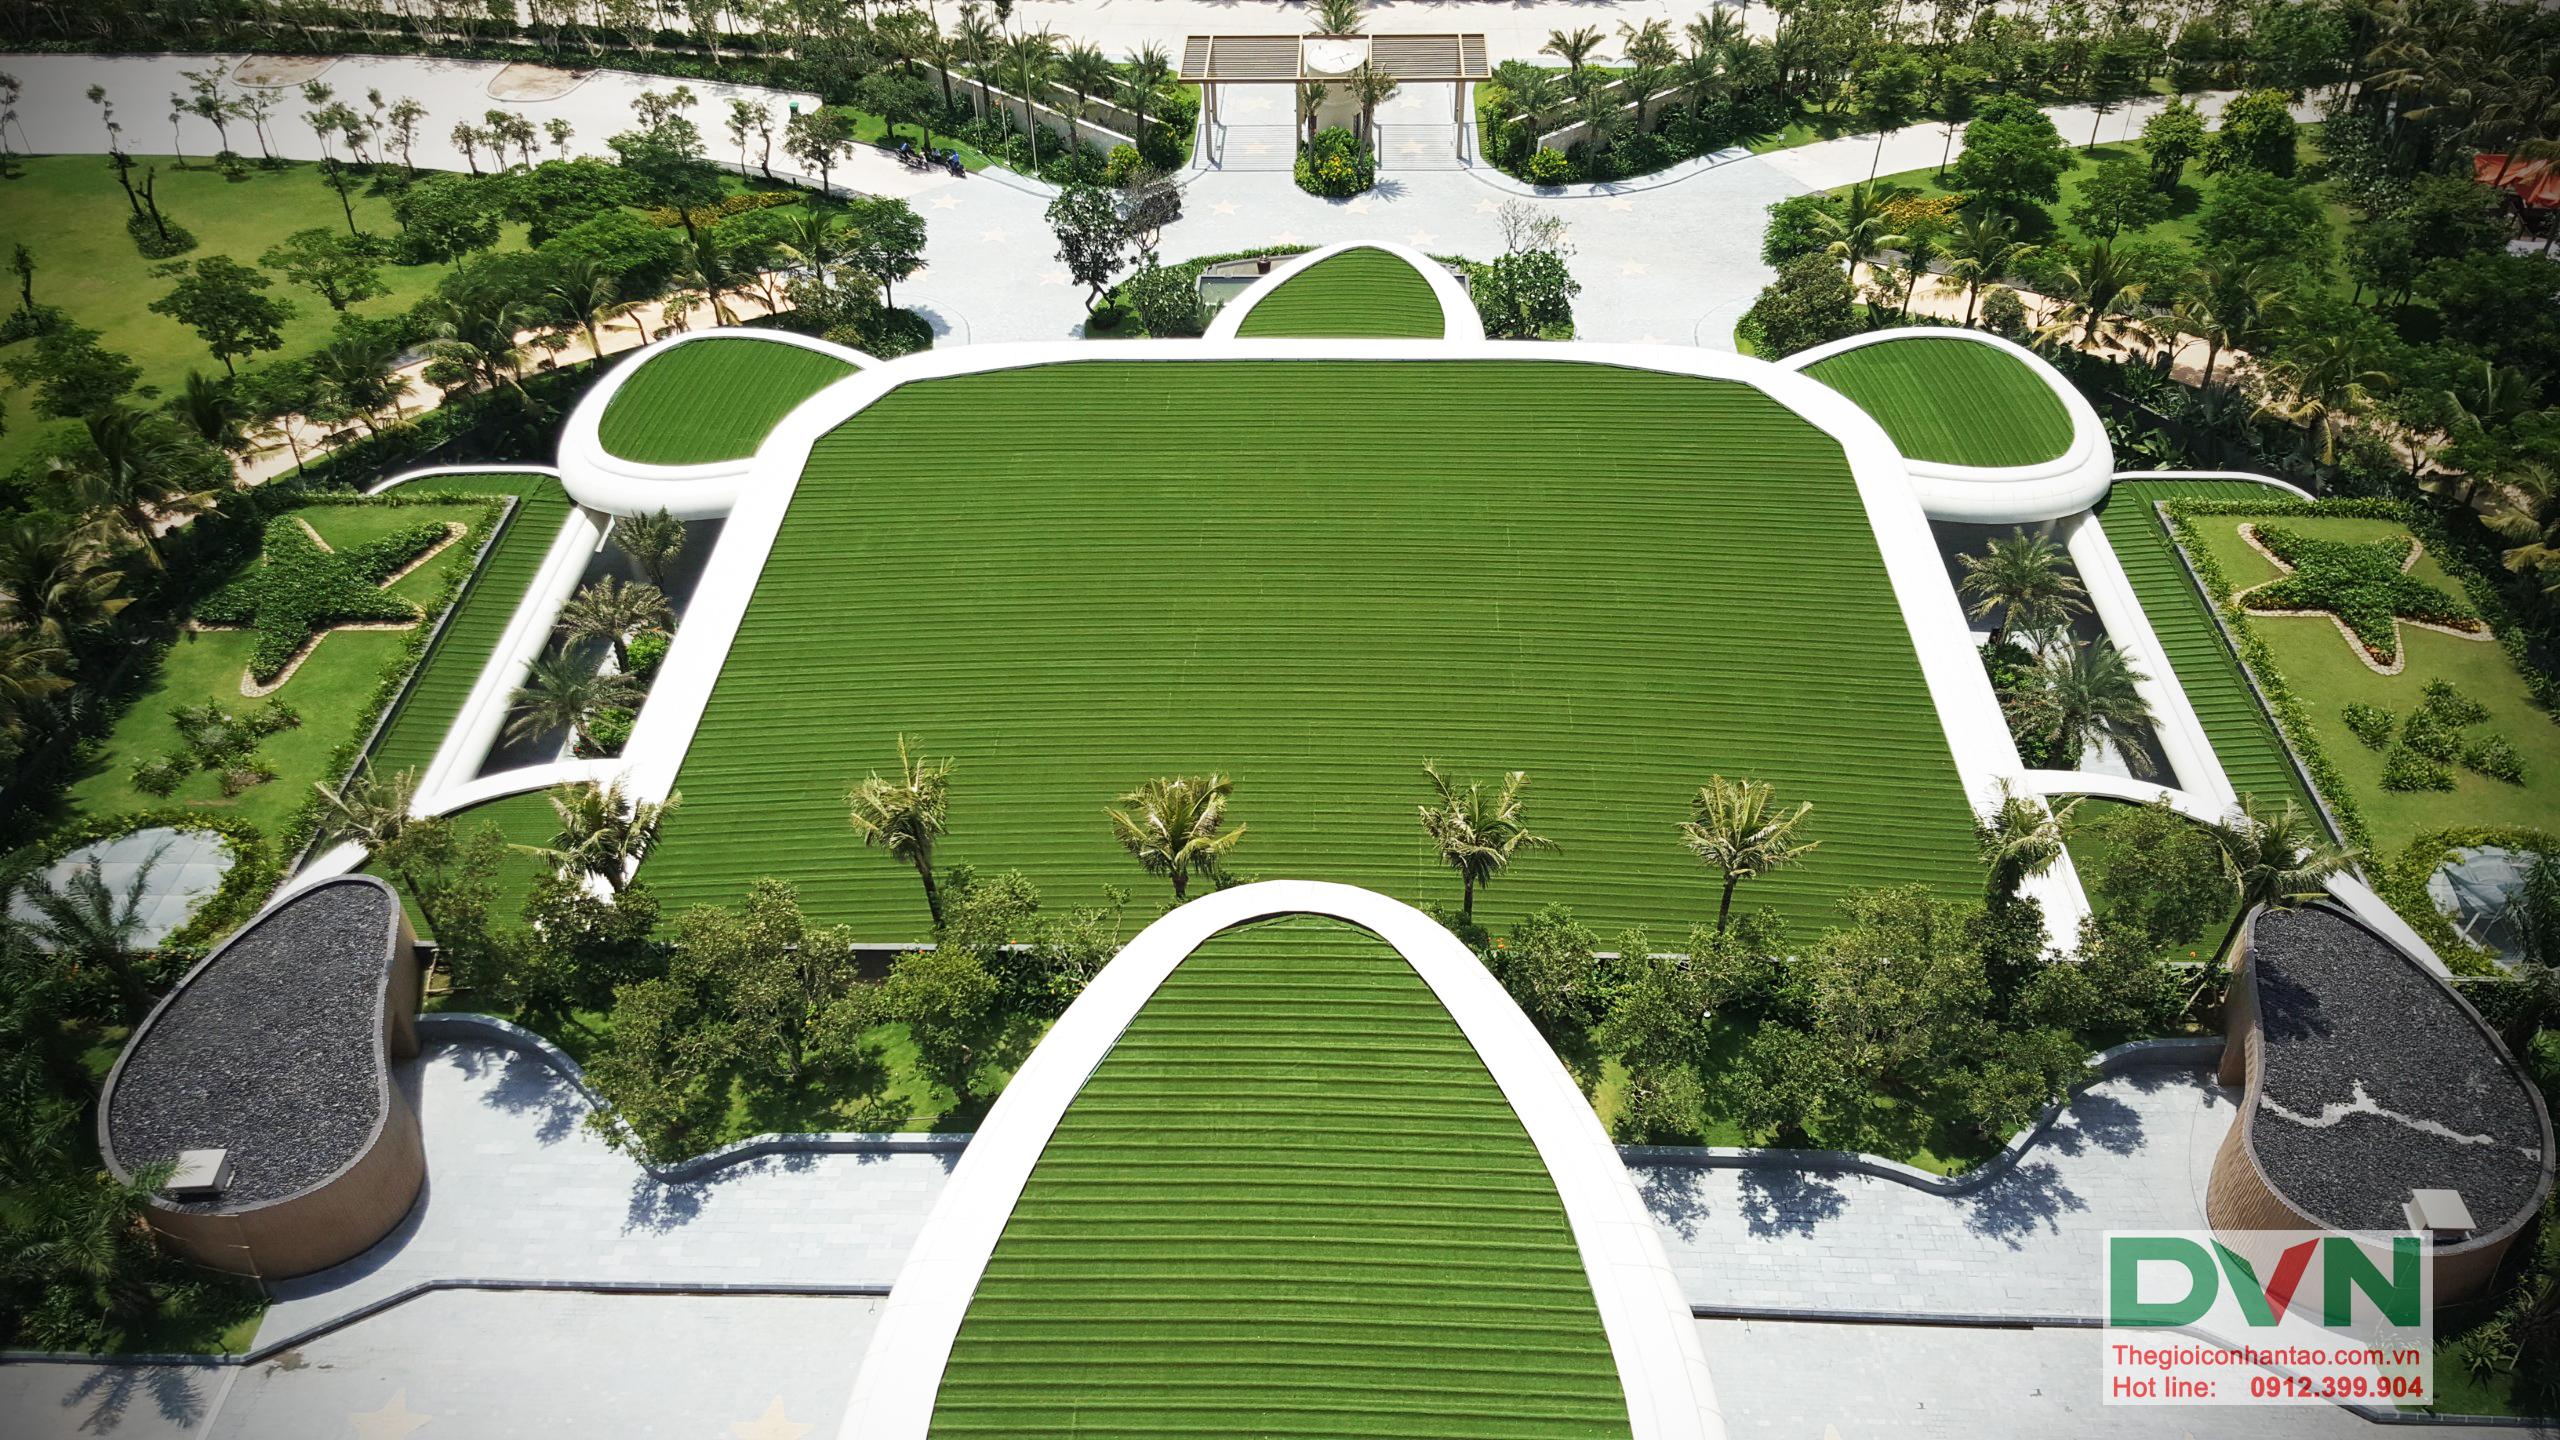 Một số hình ảnh tại dự án án khách sạn 5 sao và khu nghỉ dưỡng cao cấp tại khuôn viên Intercon Phú Quốc: 2